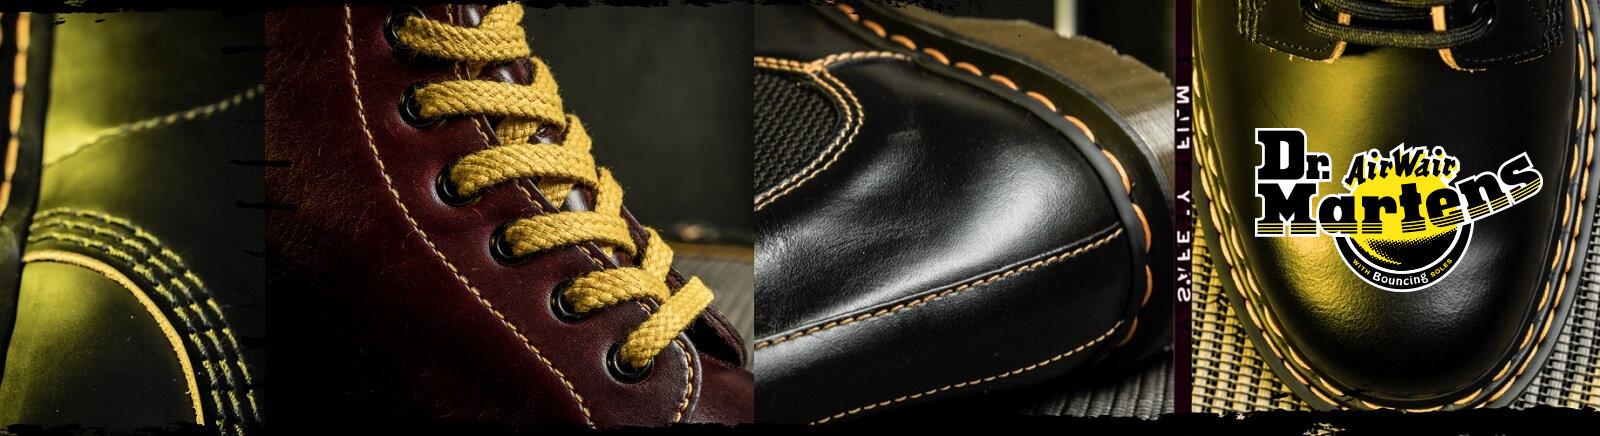 Juppen: Dr. Martens Winter Boots für Damen online shoppen